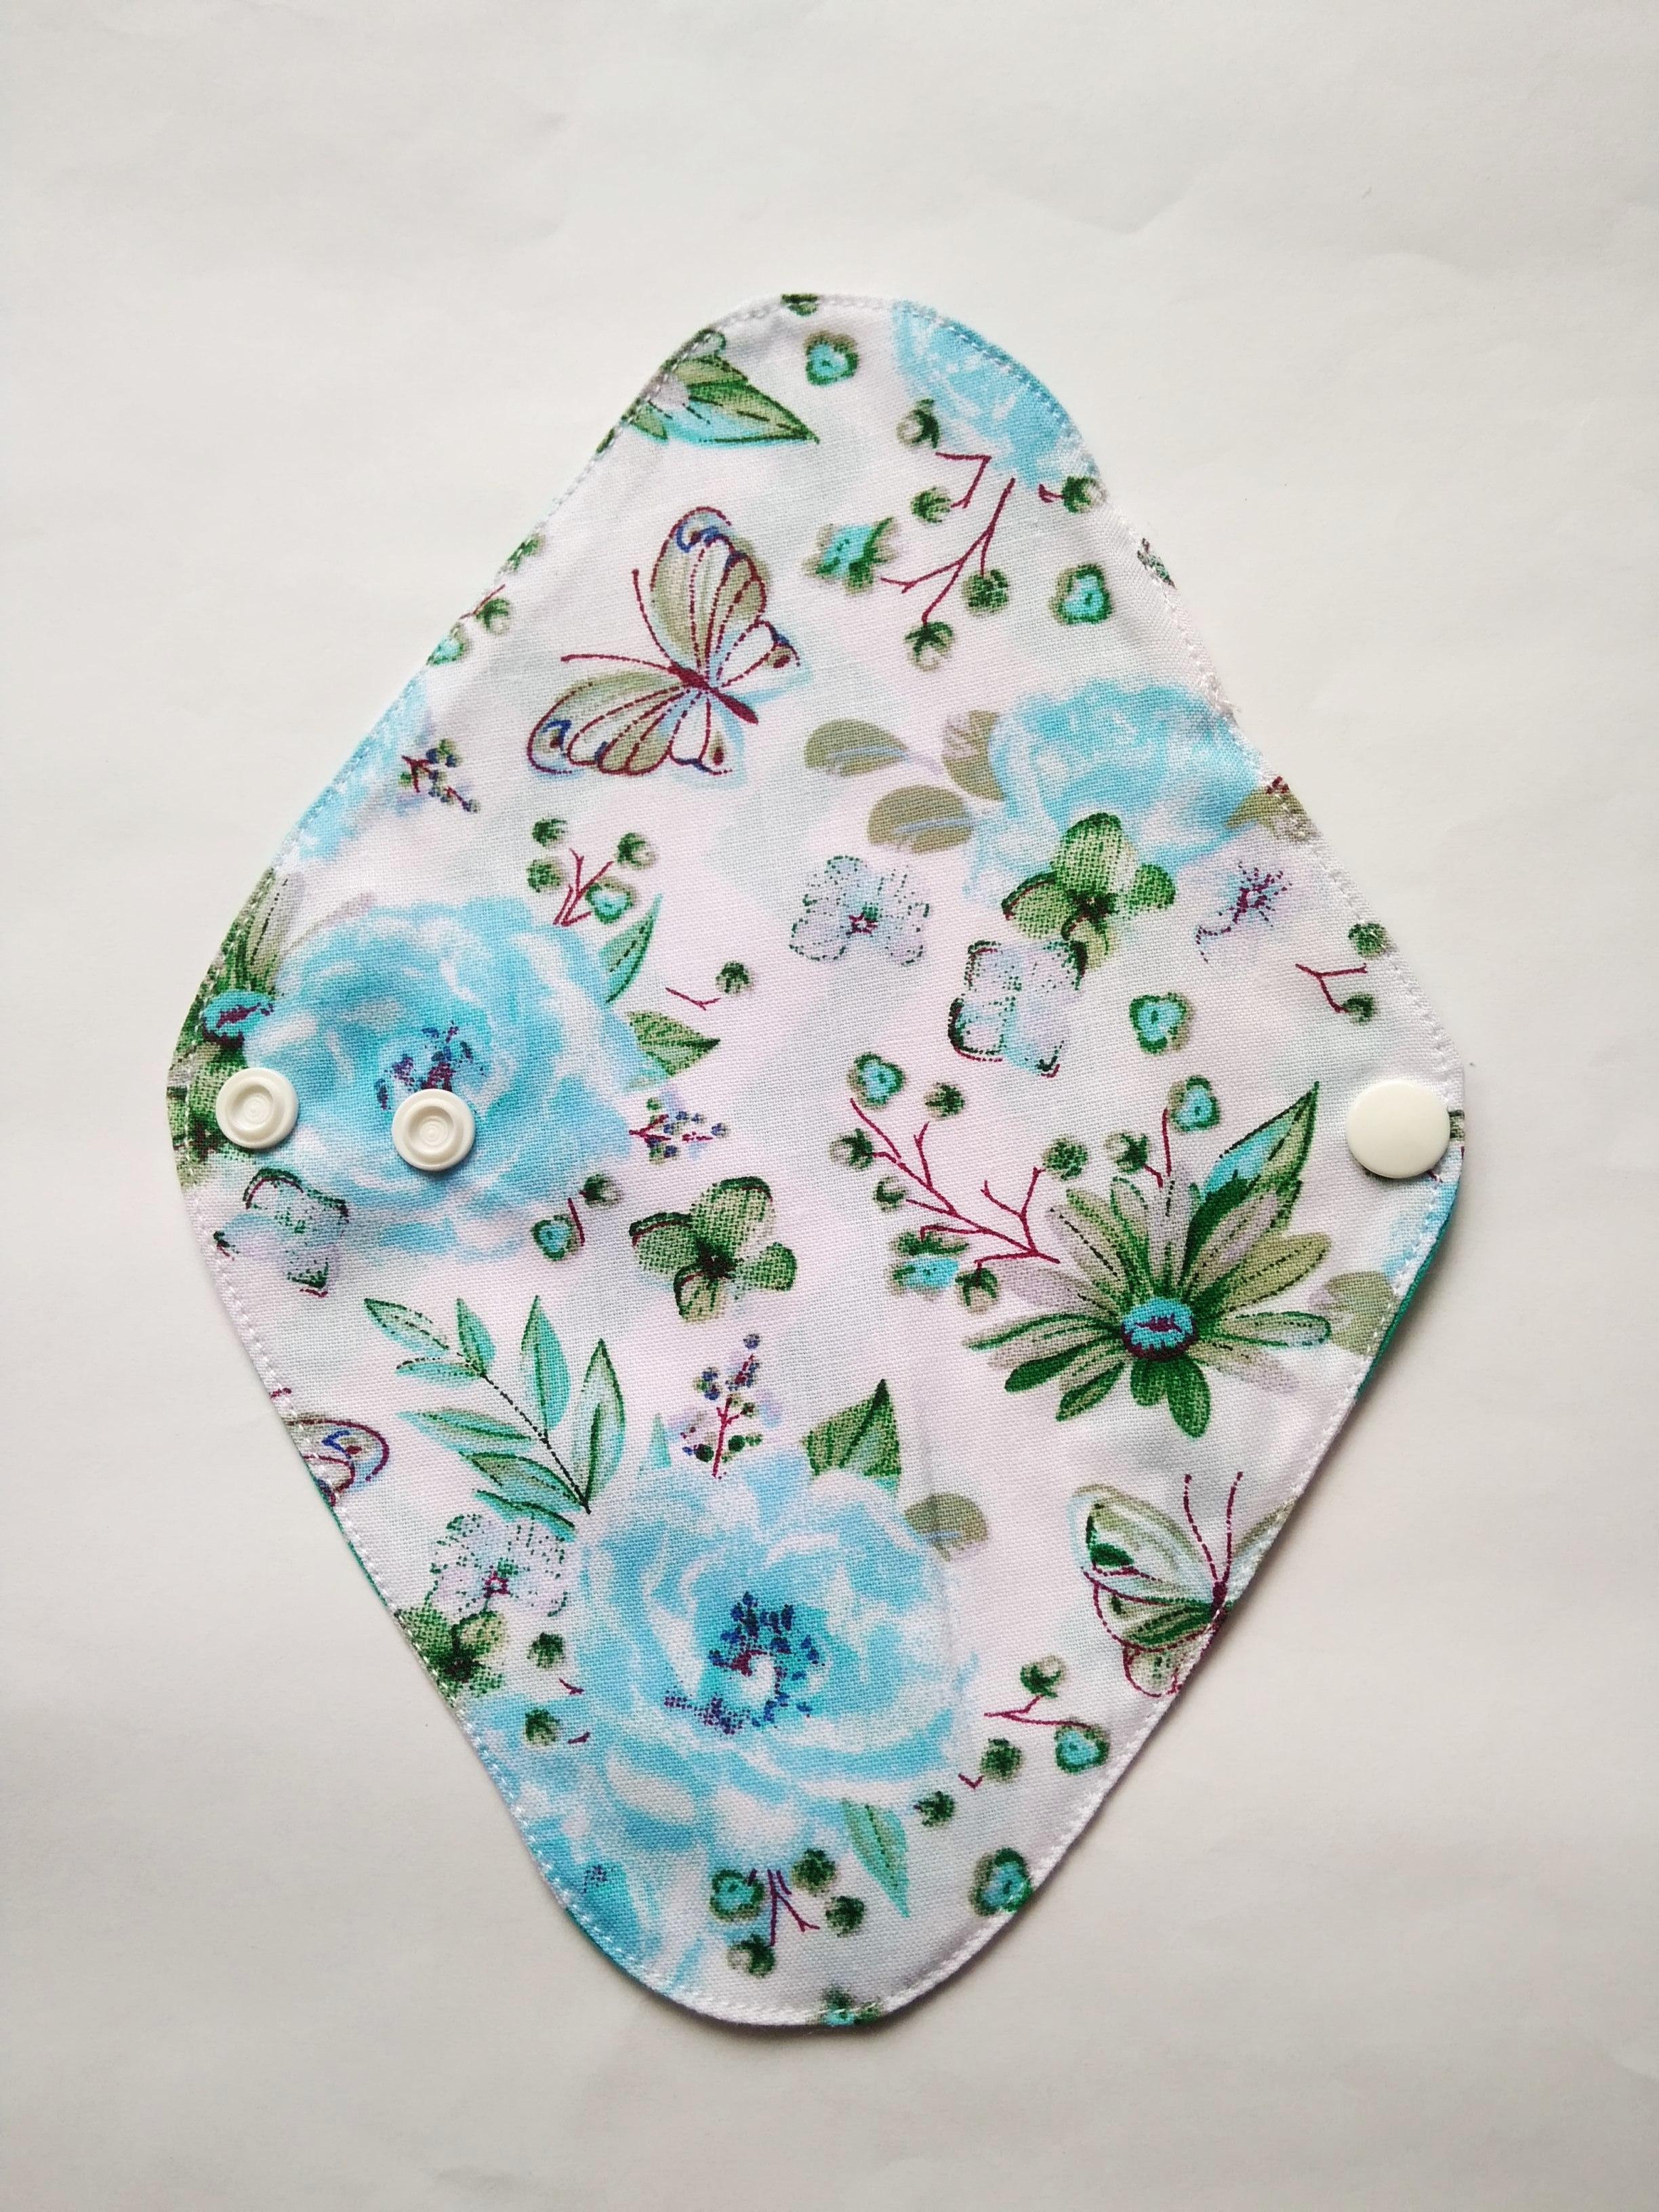 Wkładka higieniczna, wielorazowa, rozm. S, Niebieskie kwiatki, Dziobak (4)